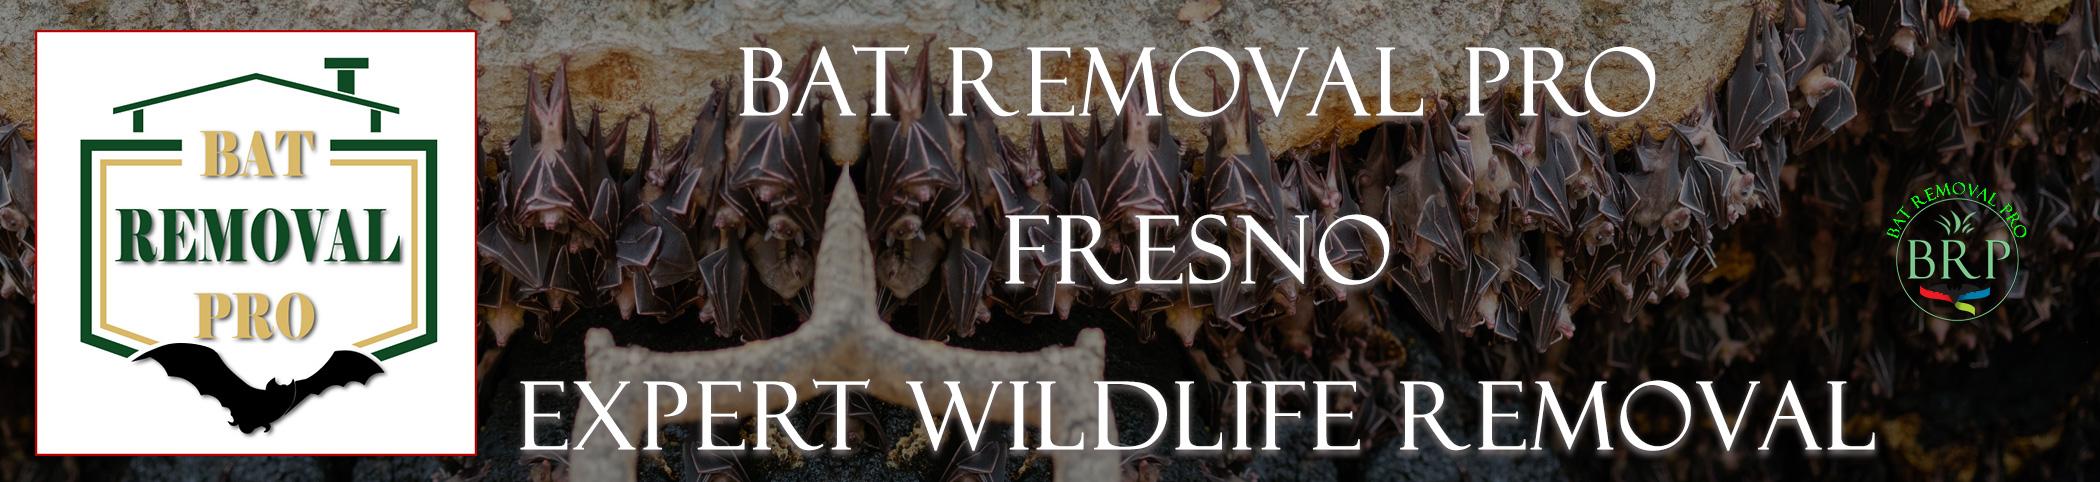 fresno california bat removal at bat removal pro